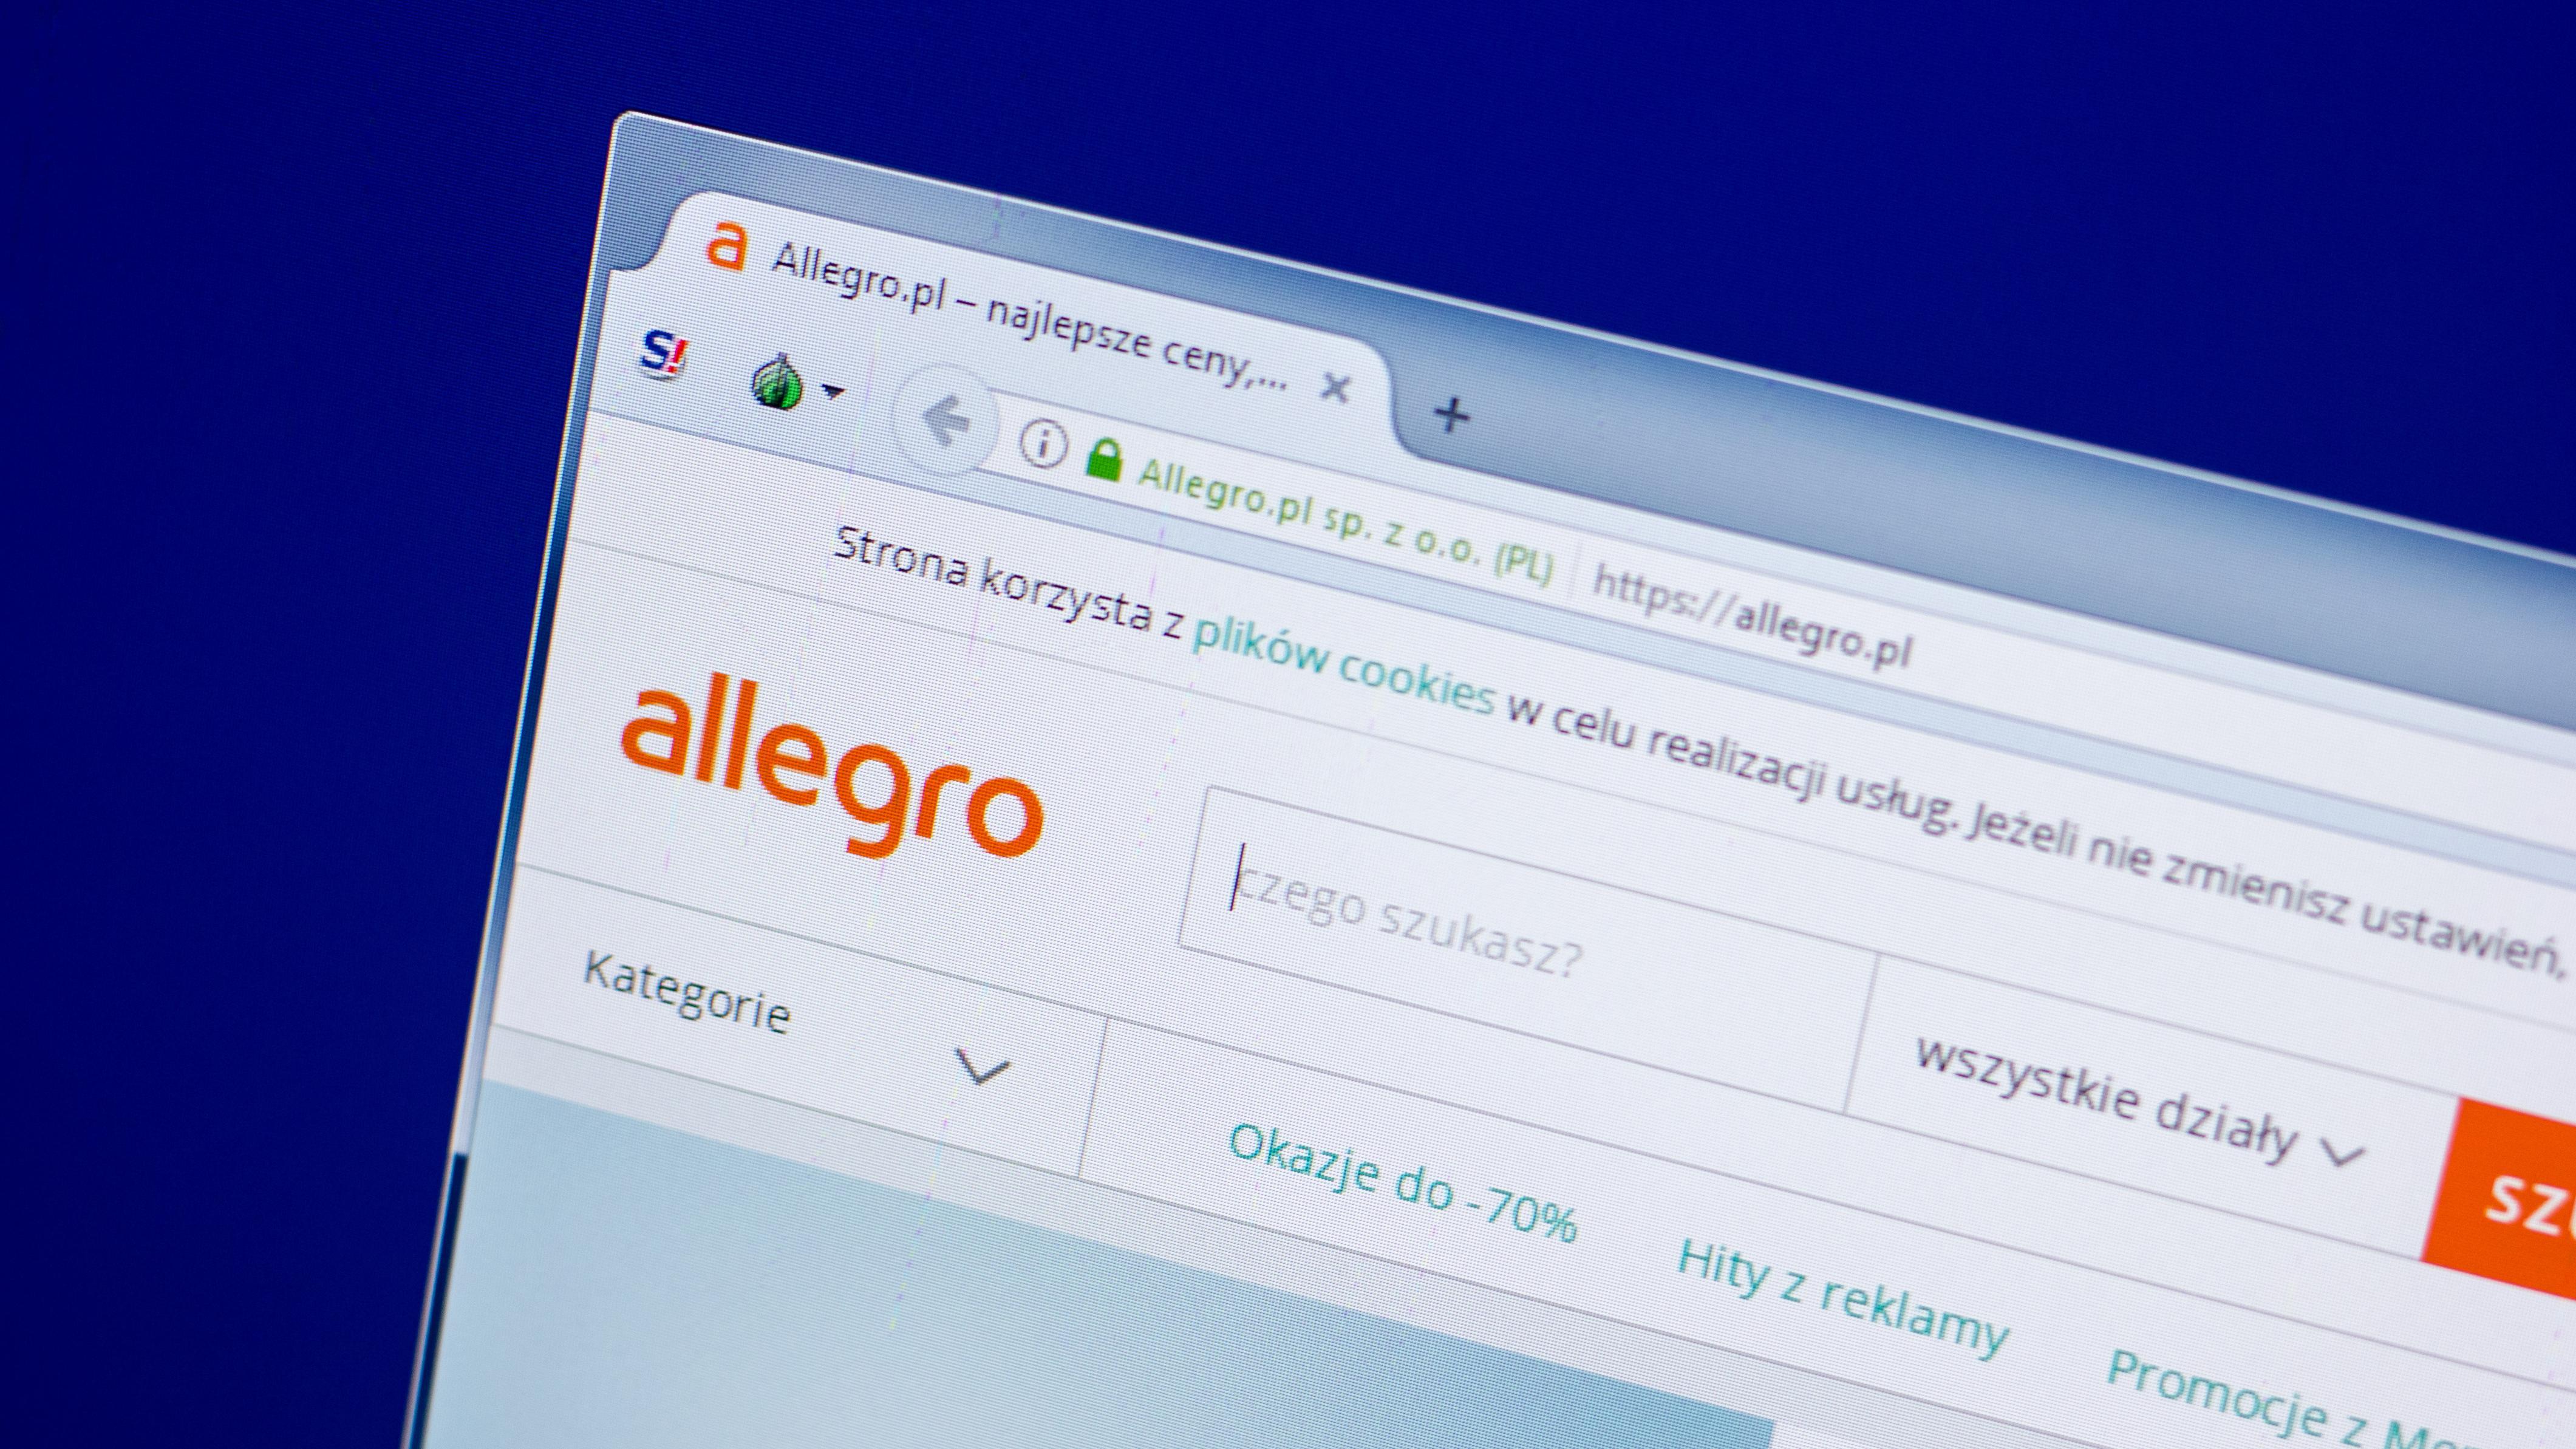 Allegro Blokuje Oferty Zerujace Na Panice Wokol Koronawirusa Wystarczy Ze Slowo Pojawi Sie W Tytule